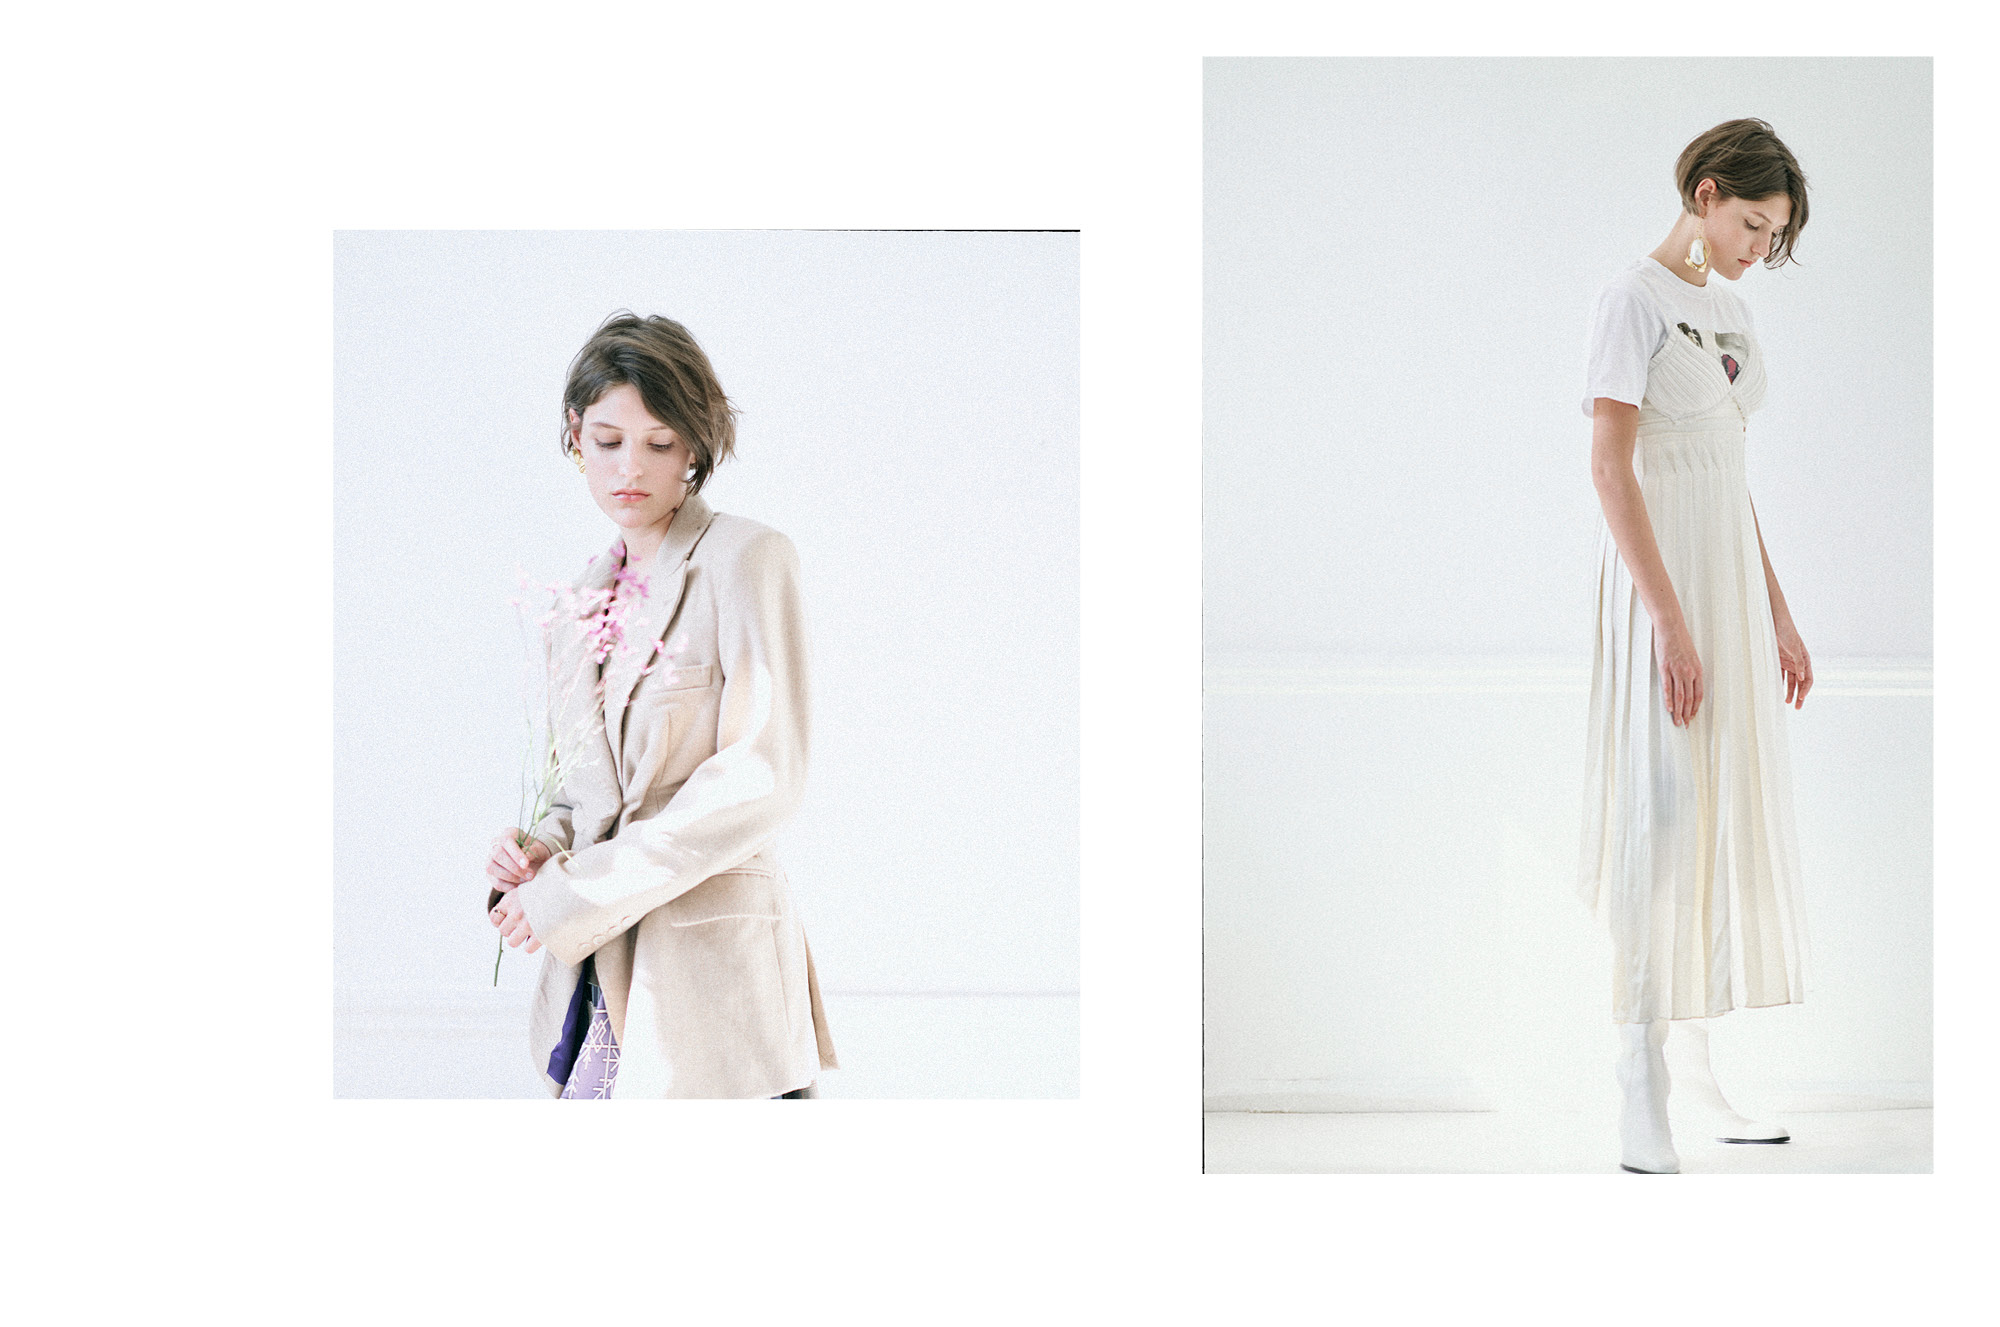 LEFT Blazer: Xue Gao; Earring:Mounser earring   RIGHT Dress & Boots: 3.1 Phillip Lim; Shirt: Les Girls Les Boys; Earring: Mounser